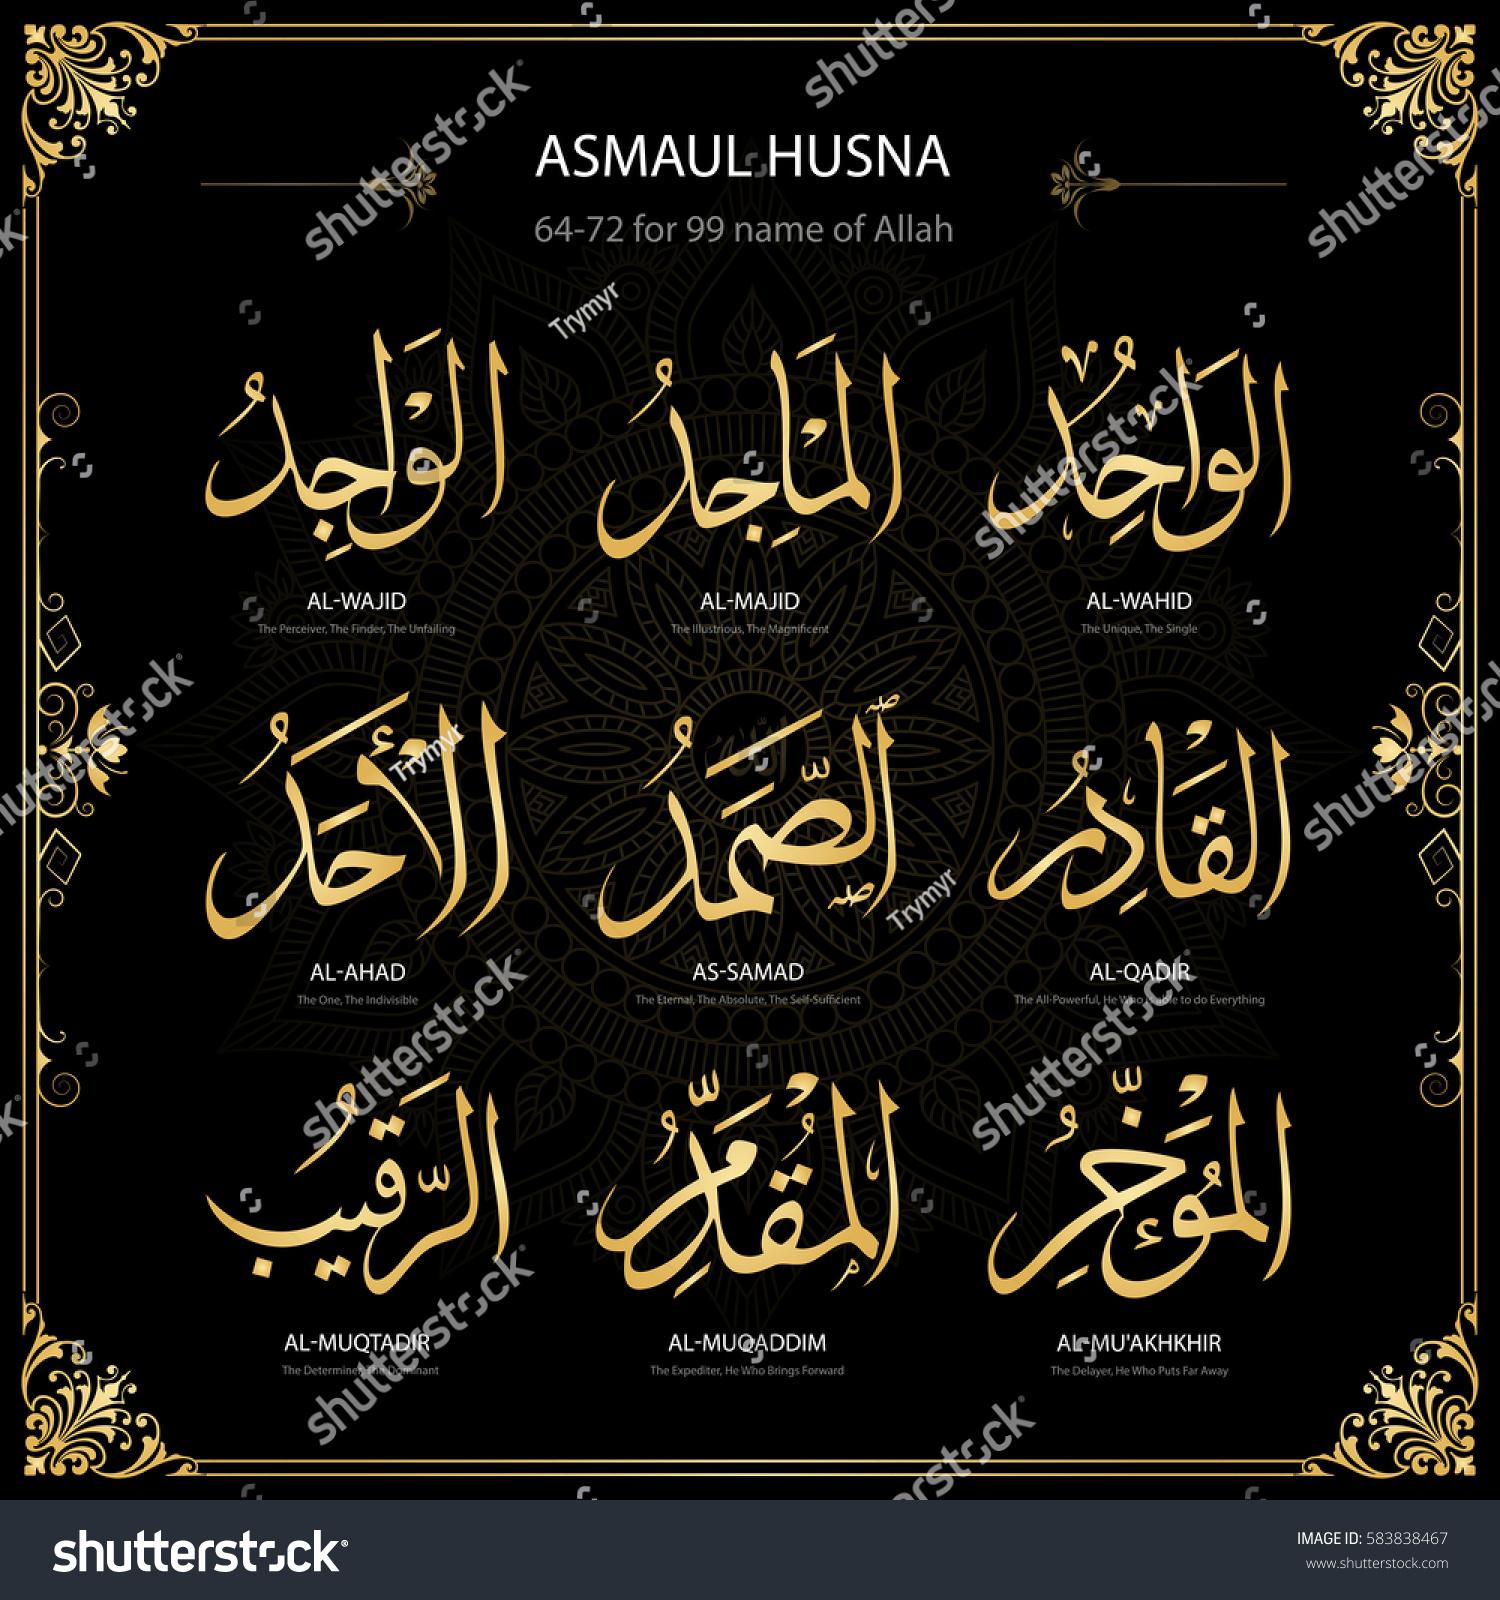 Asmaul Husna 99 Names Allah Vector Stock Vector 583838467